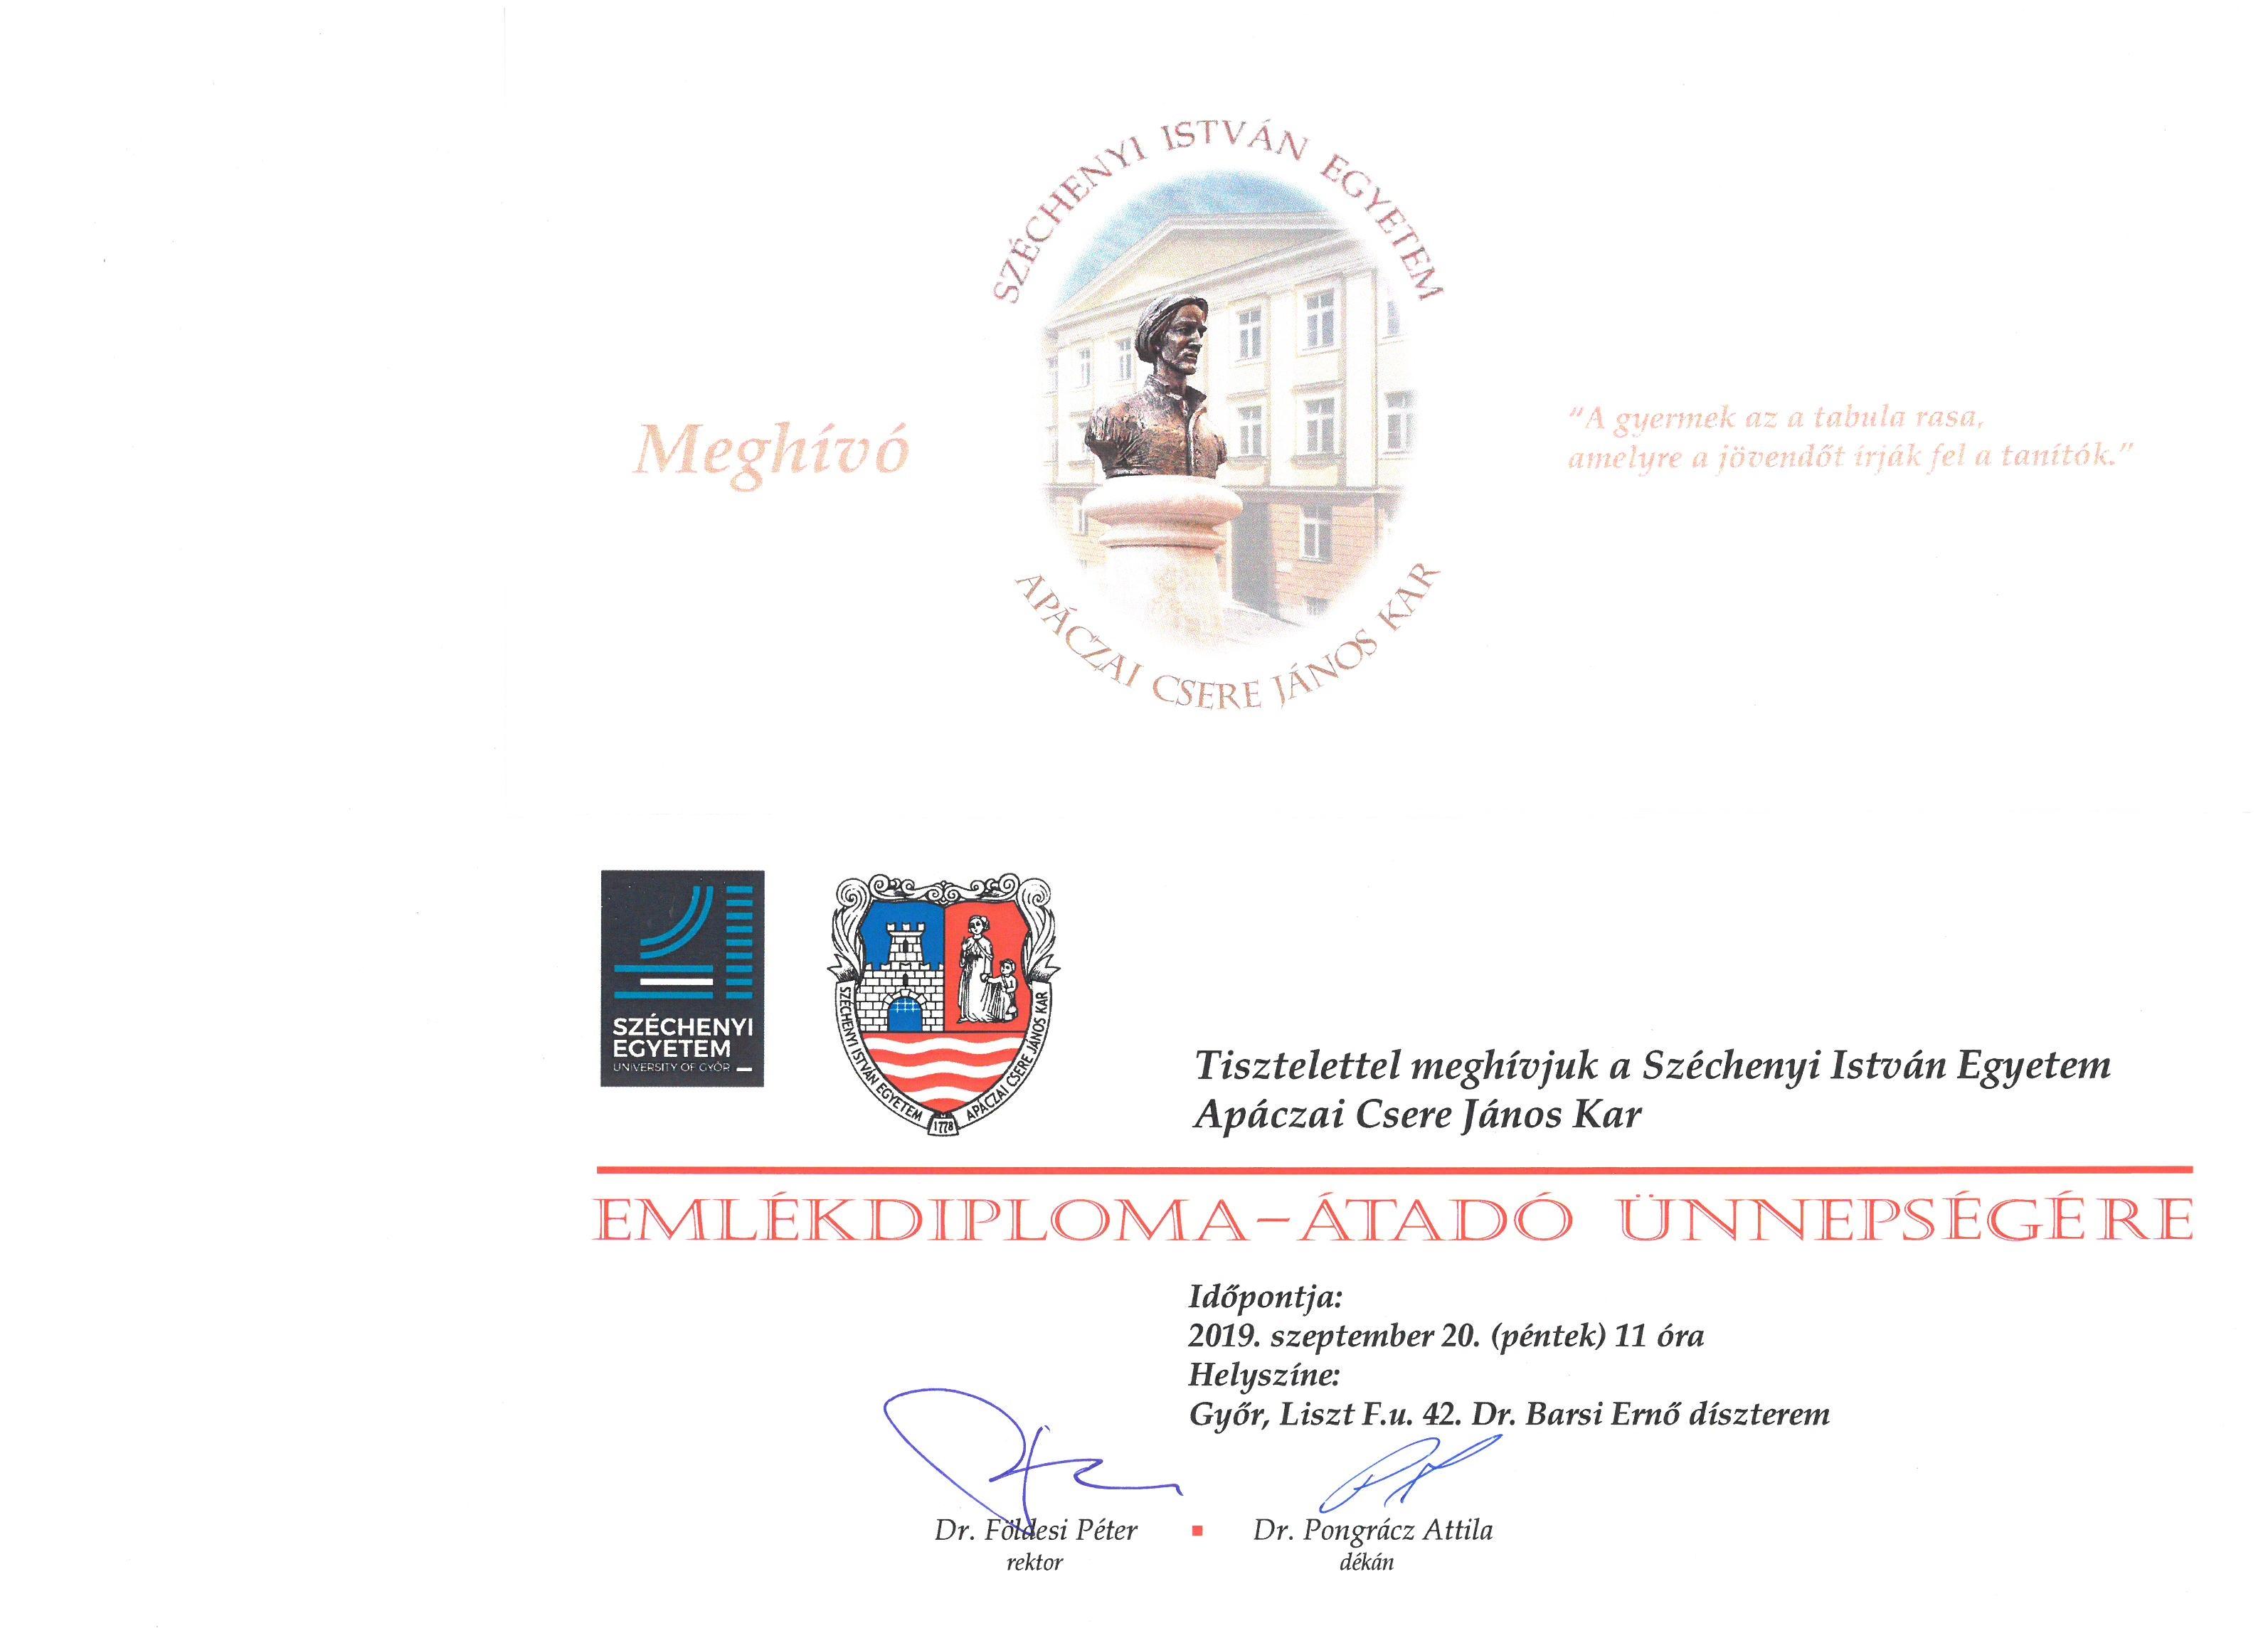 Emlékdiploma-átadó ünnepség 2019. szeptember 20. 11.00 óra